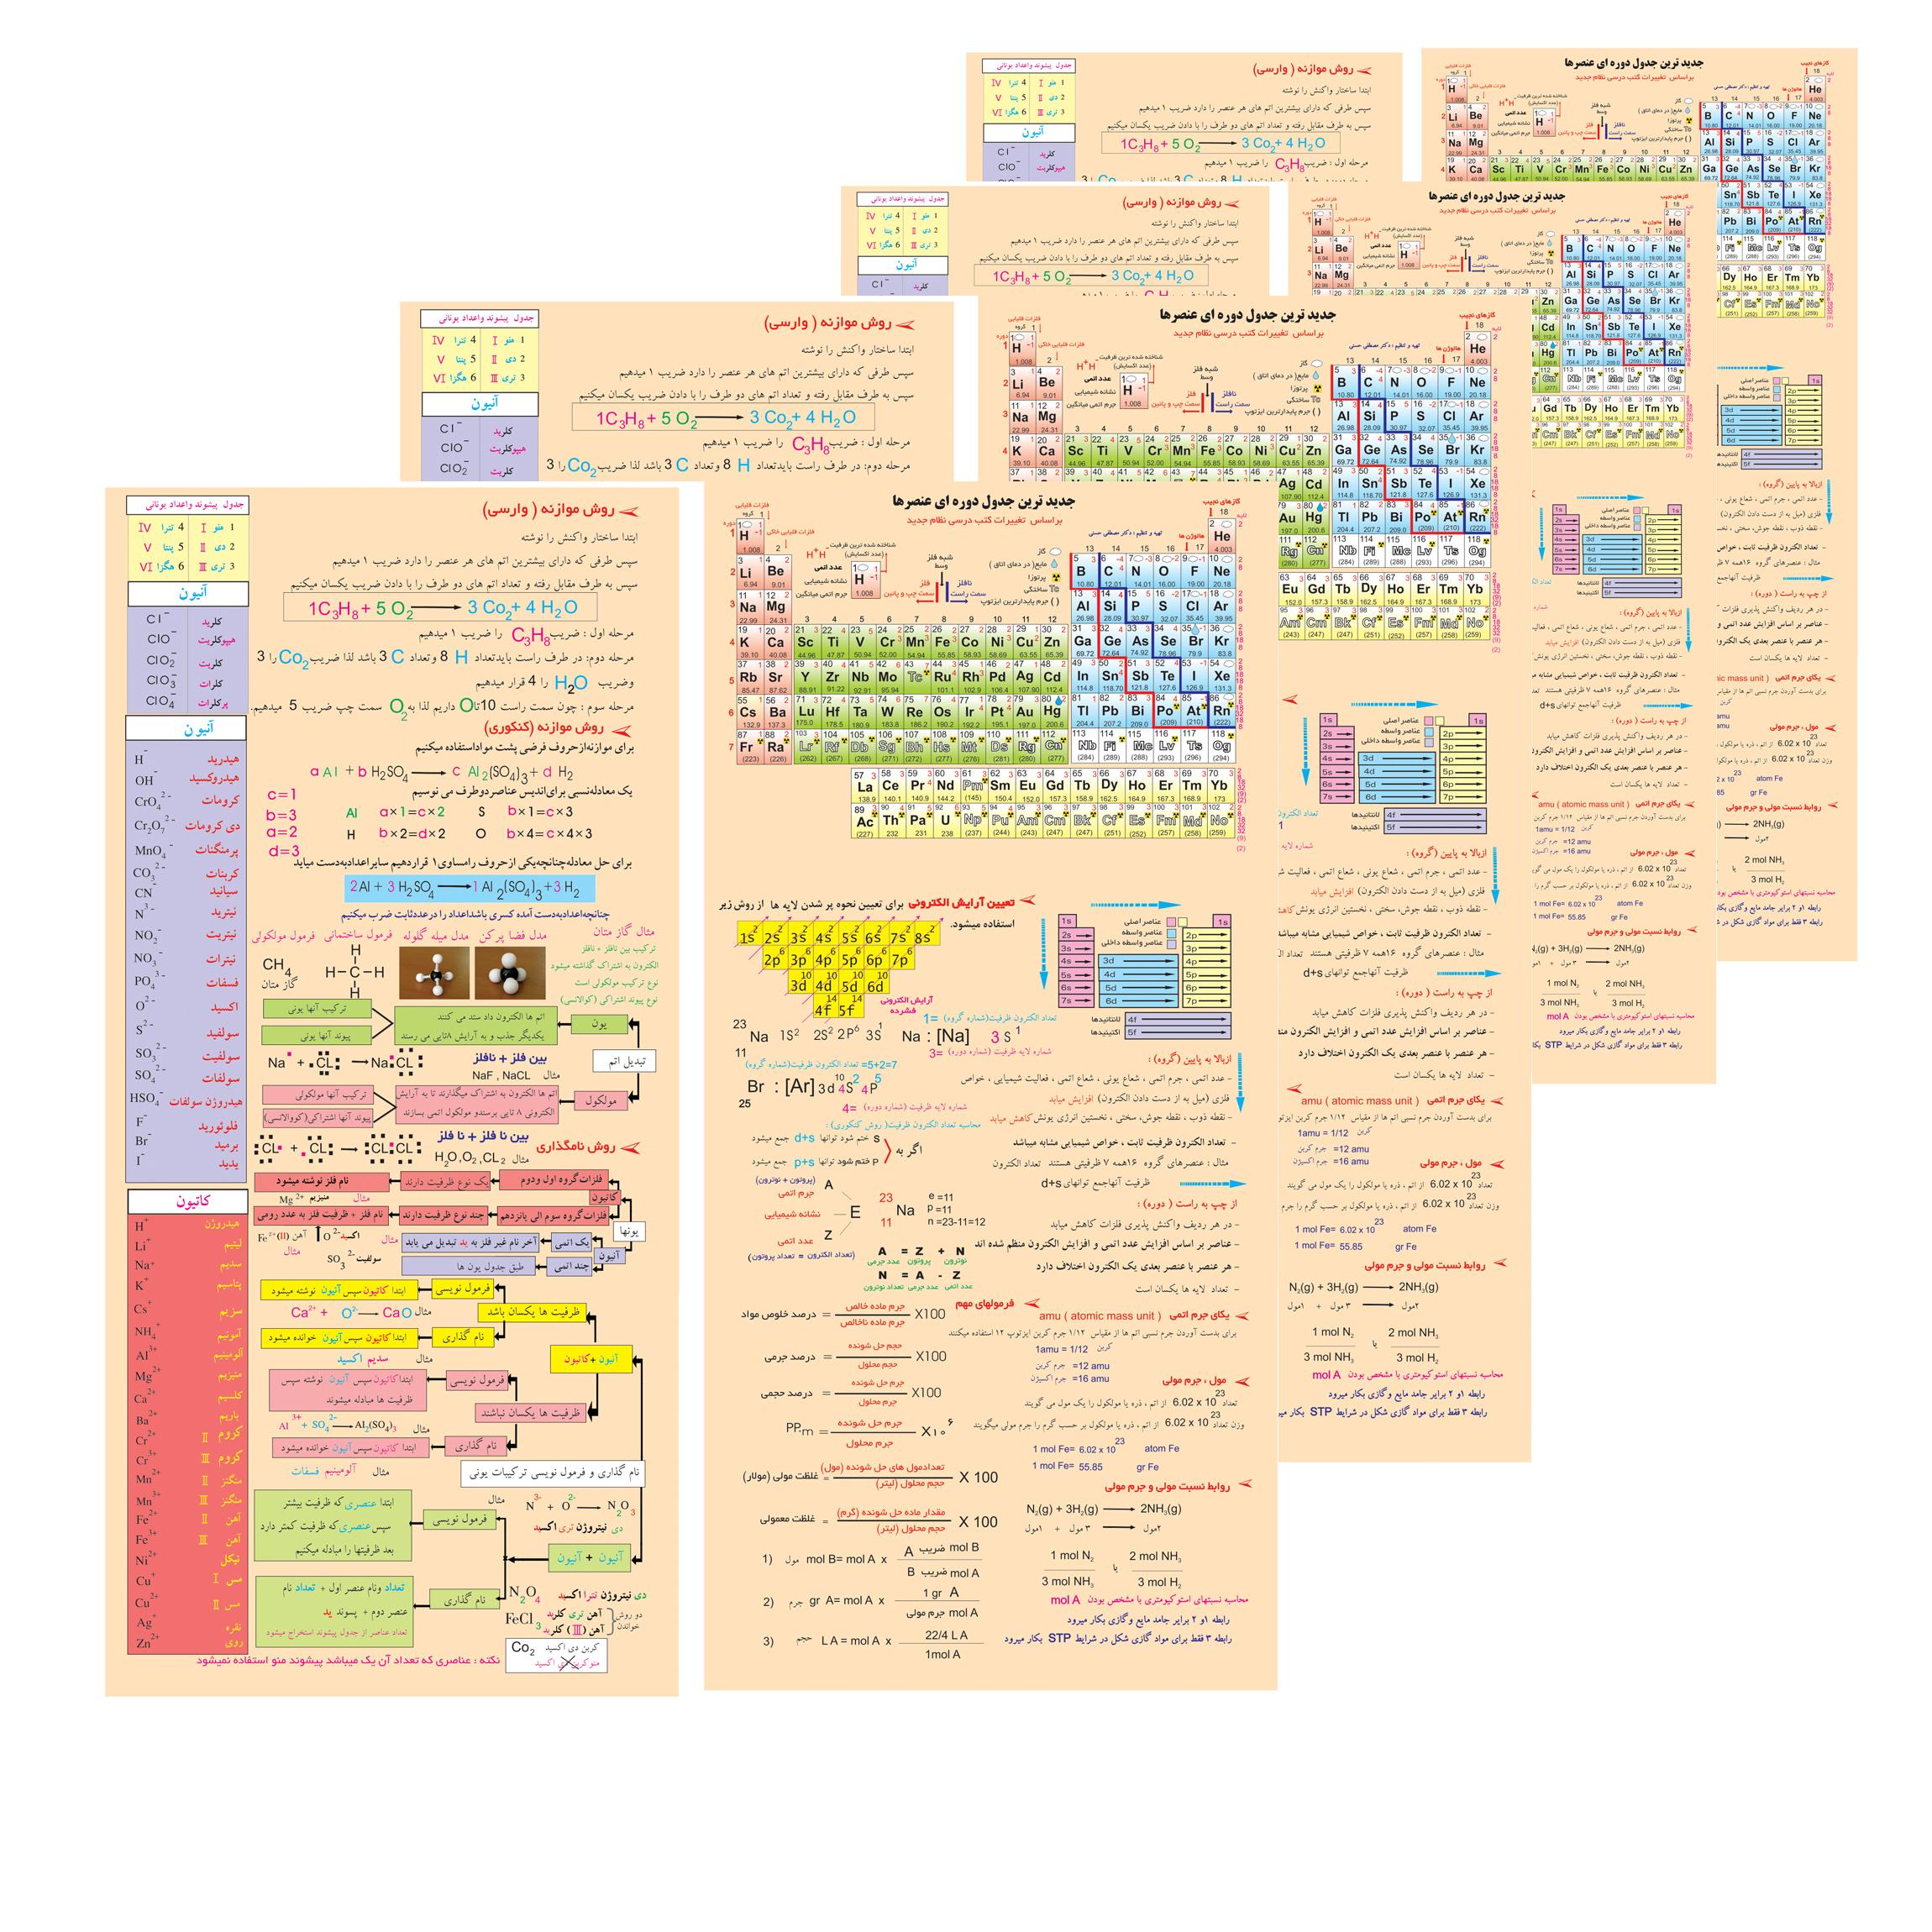 پوستر آموزشی طرح جدول تناوبی مدلسازان کد 13 بسته 4 عددی